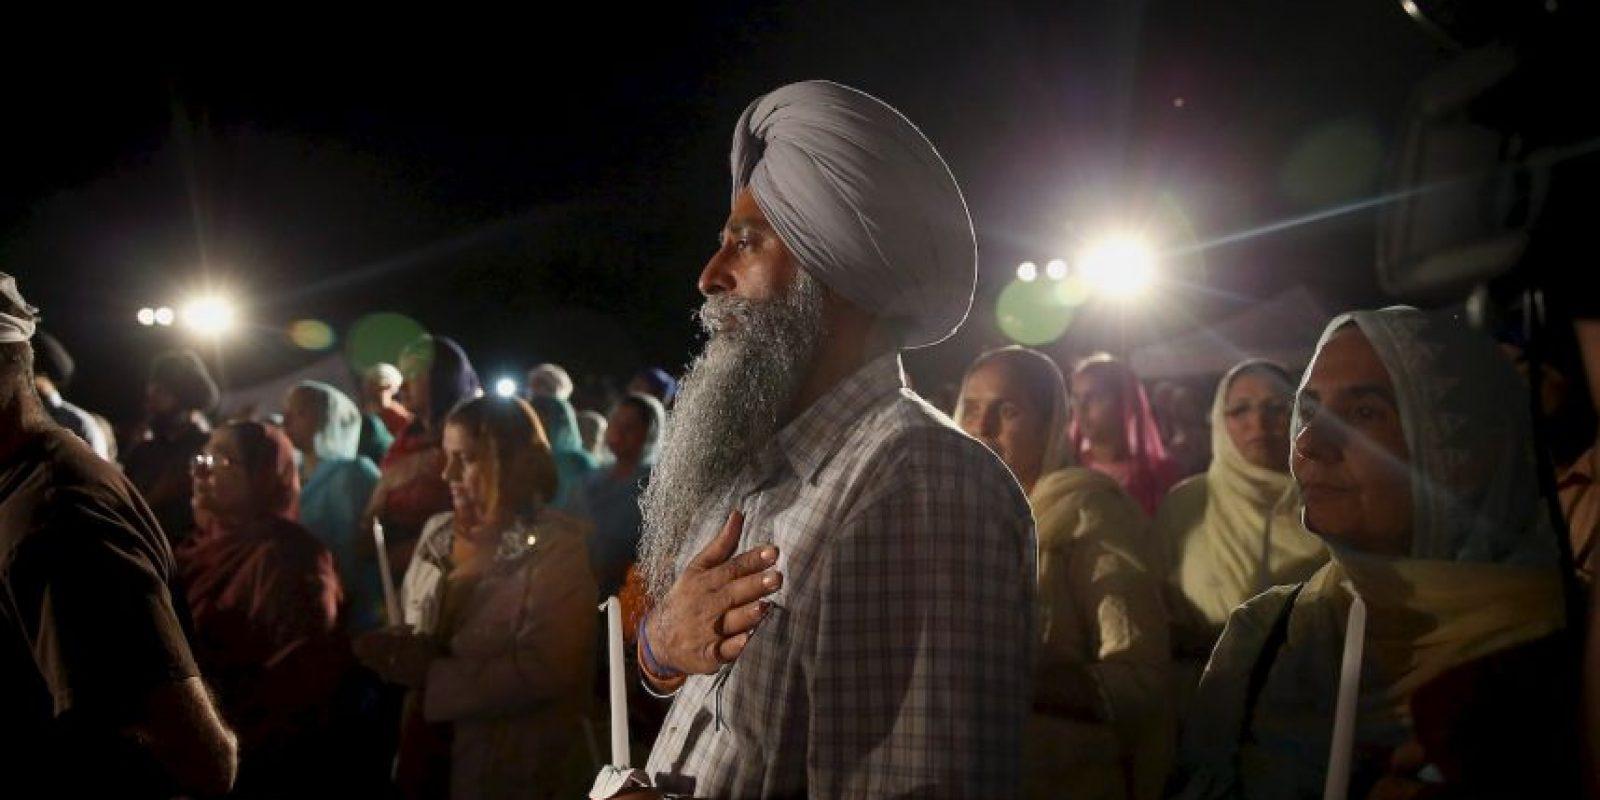 3. Los países en donde mayoritariamente se practica son: India, Pakistán y Singapur Foto:Getty Images